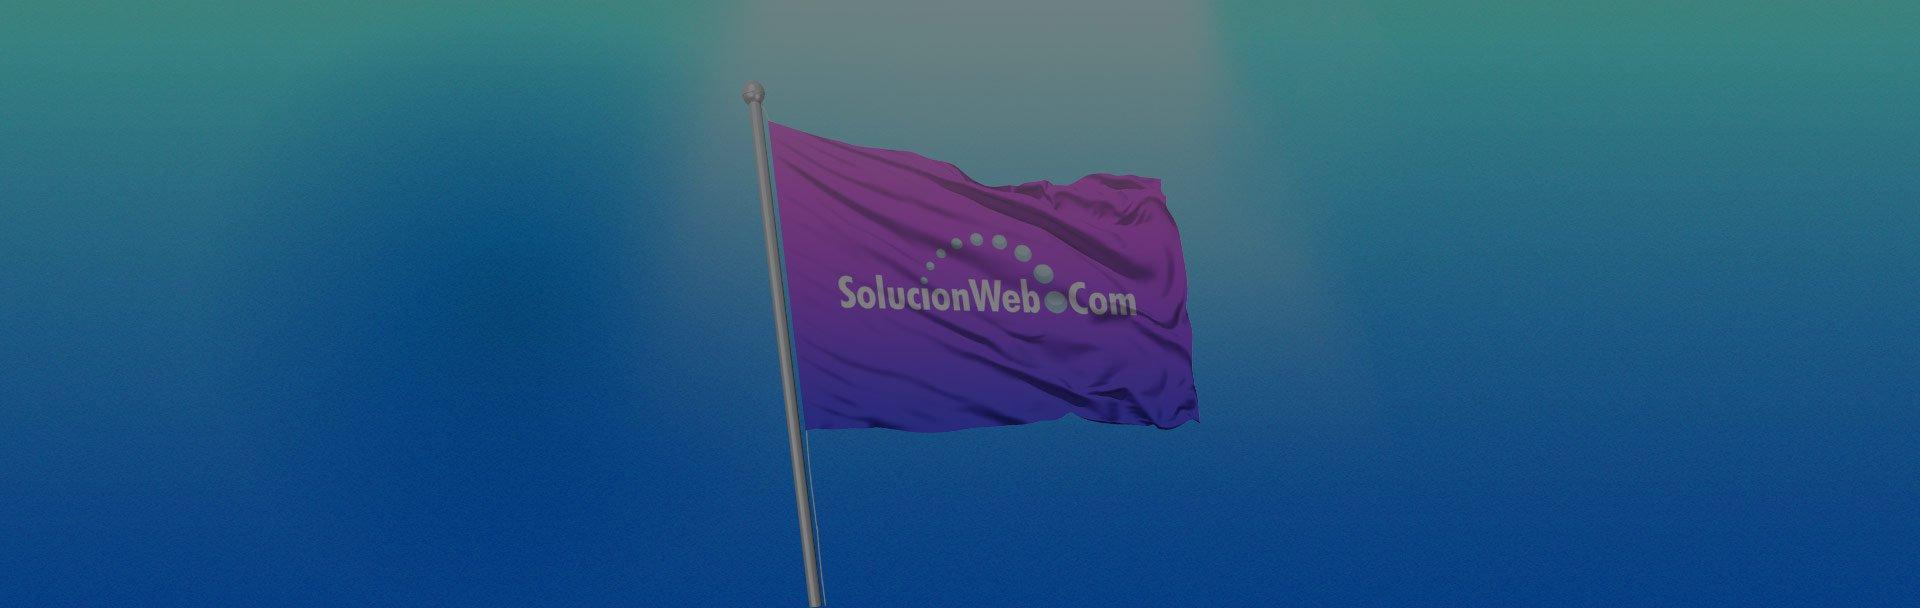 solucionweb-banner-blog-estrategia-digital-inbound-redes-sociales-blog-atencion-es-nuestro-territorio-01.jpg